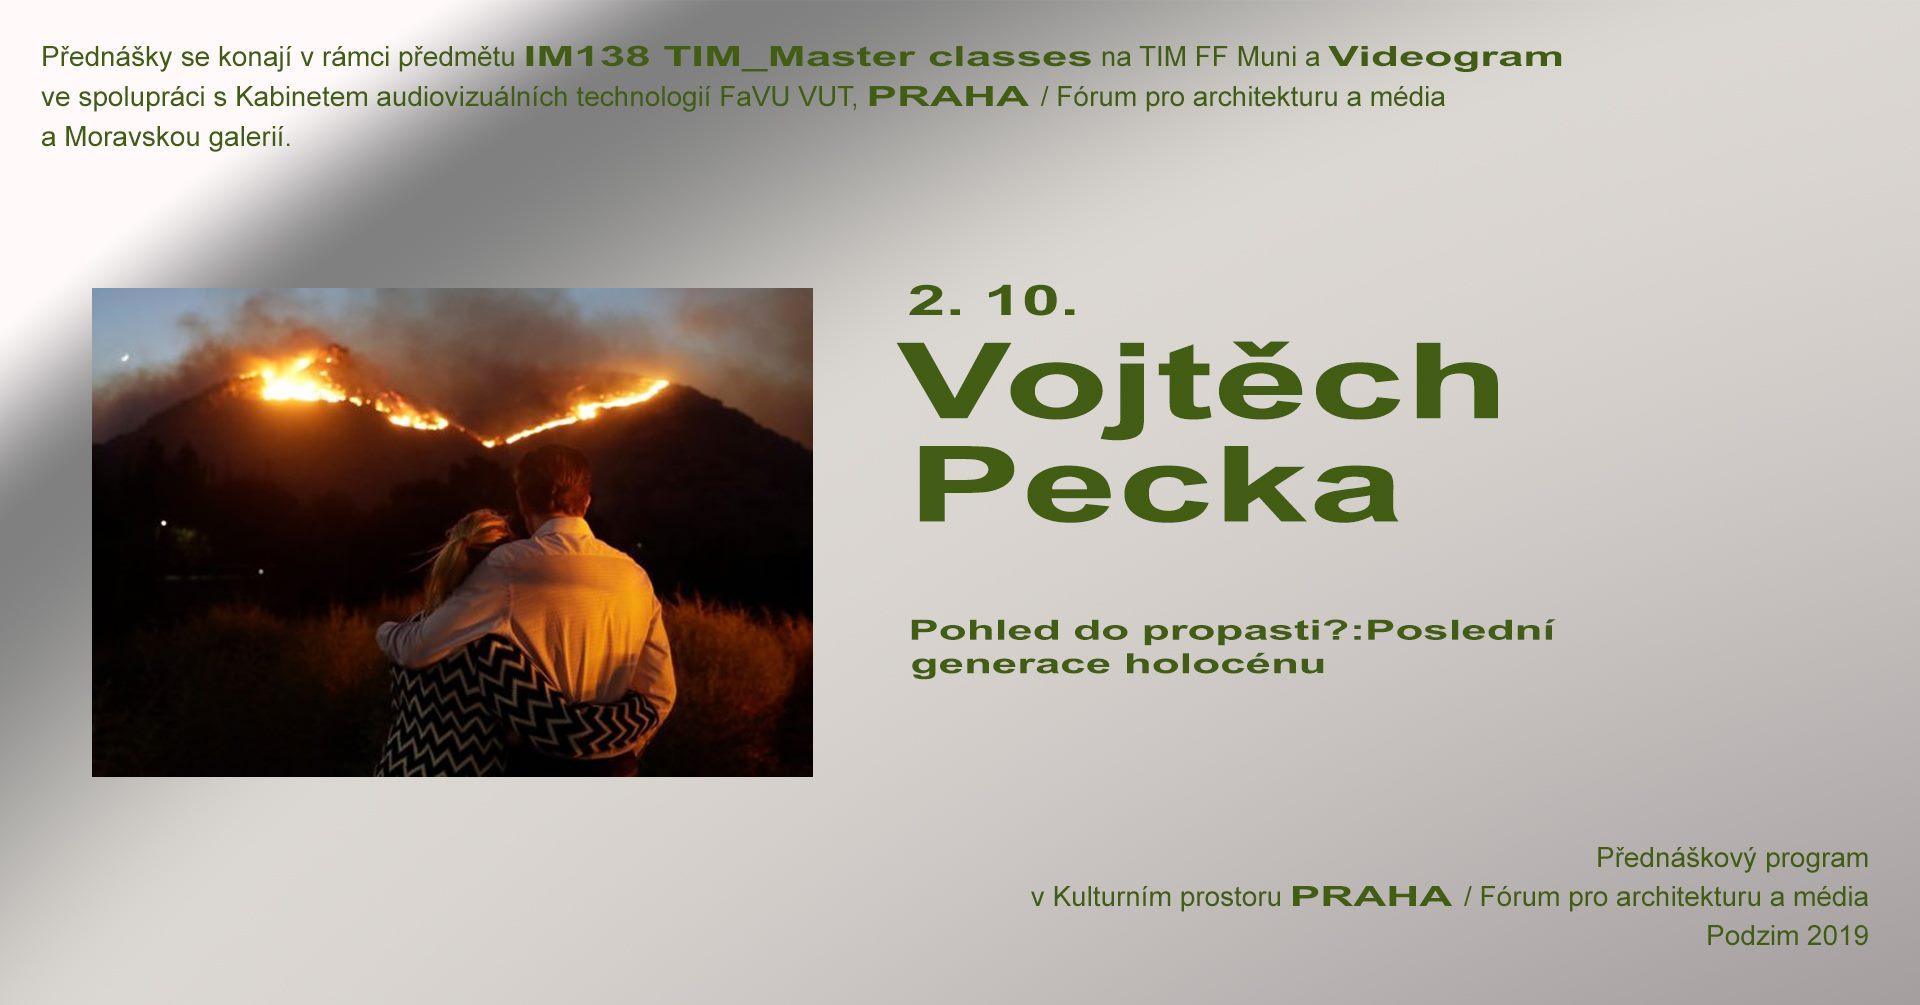 ST / 2.10. / 19.00 / TIM Master class / Videogram 89: Vojtěch Pecka – Pohled do propasti? / projekce, diskuse